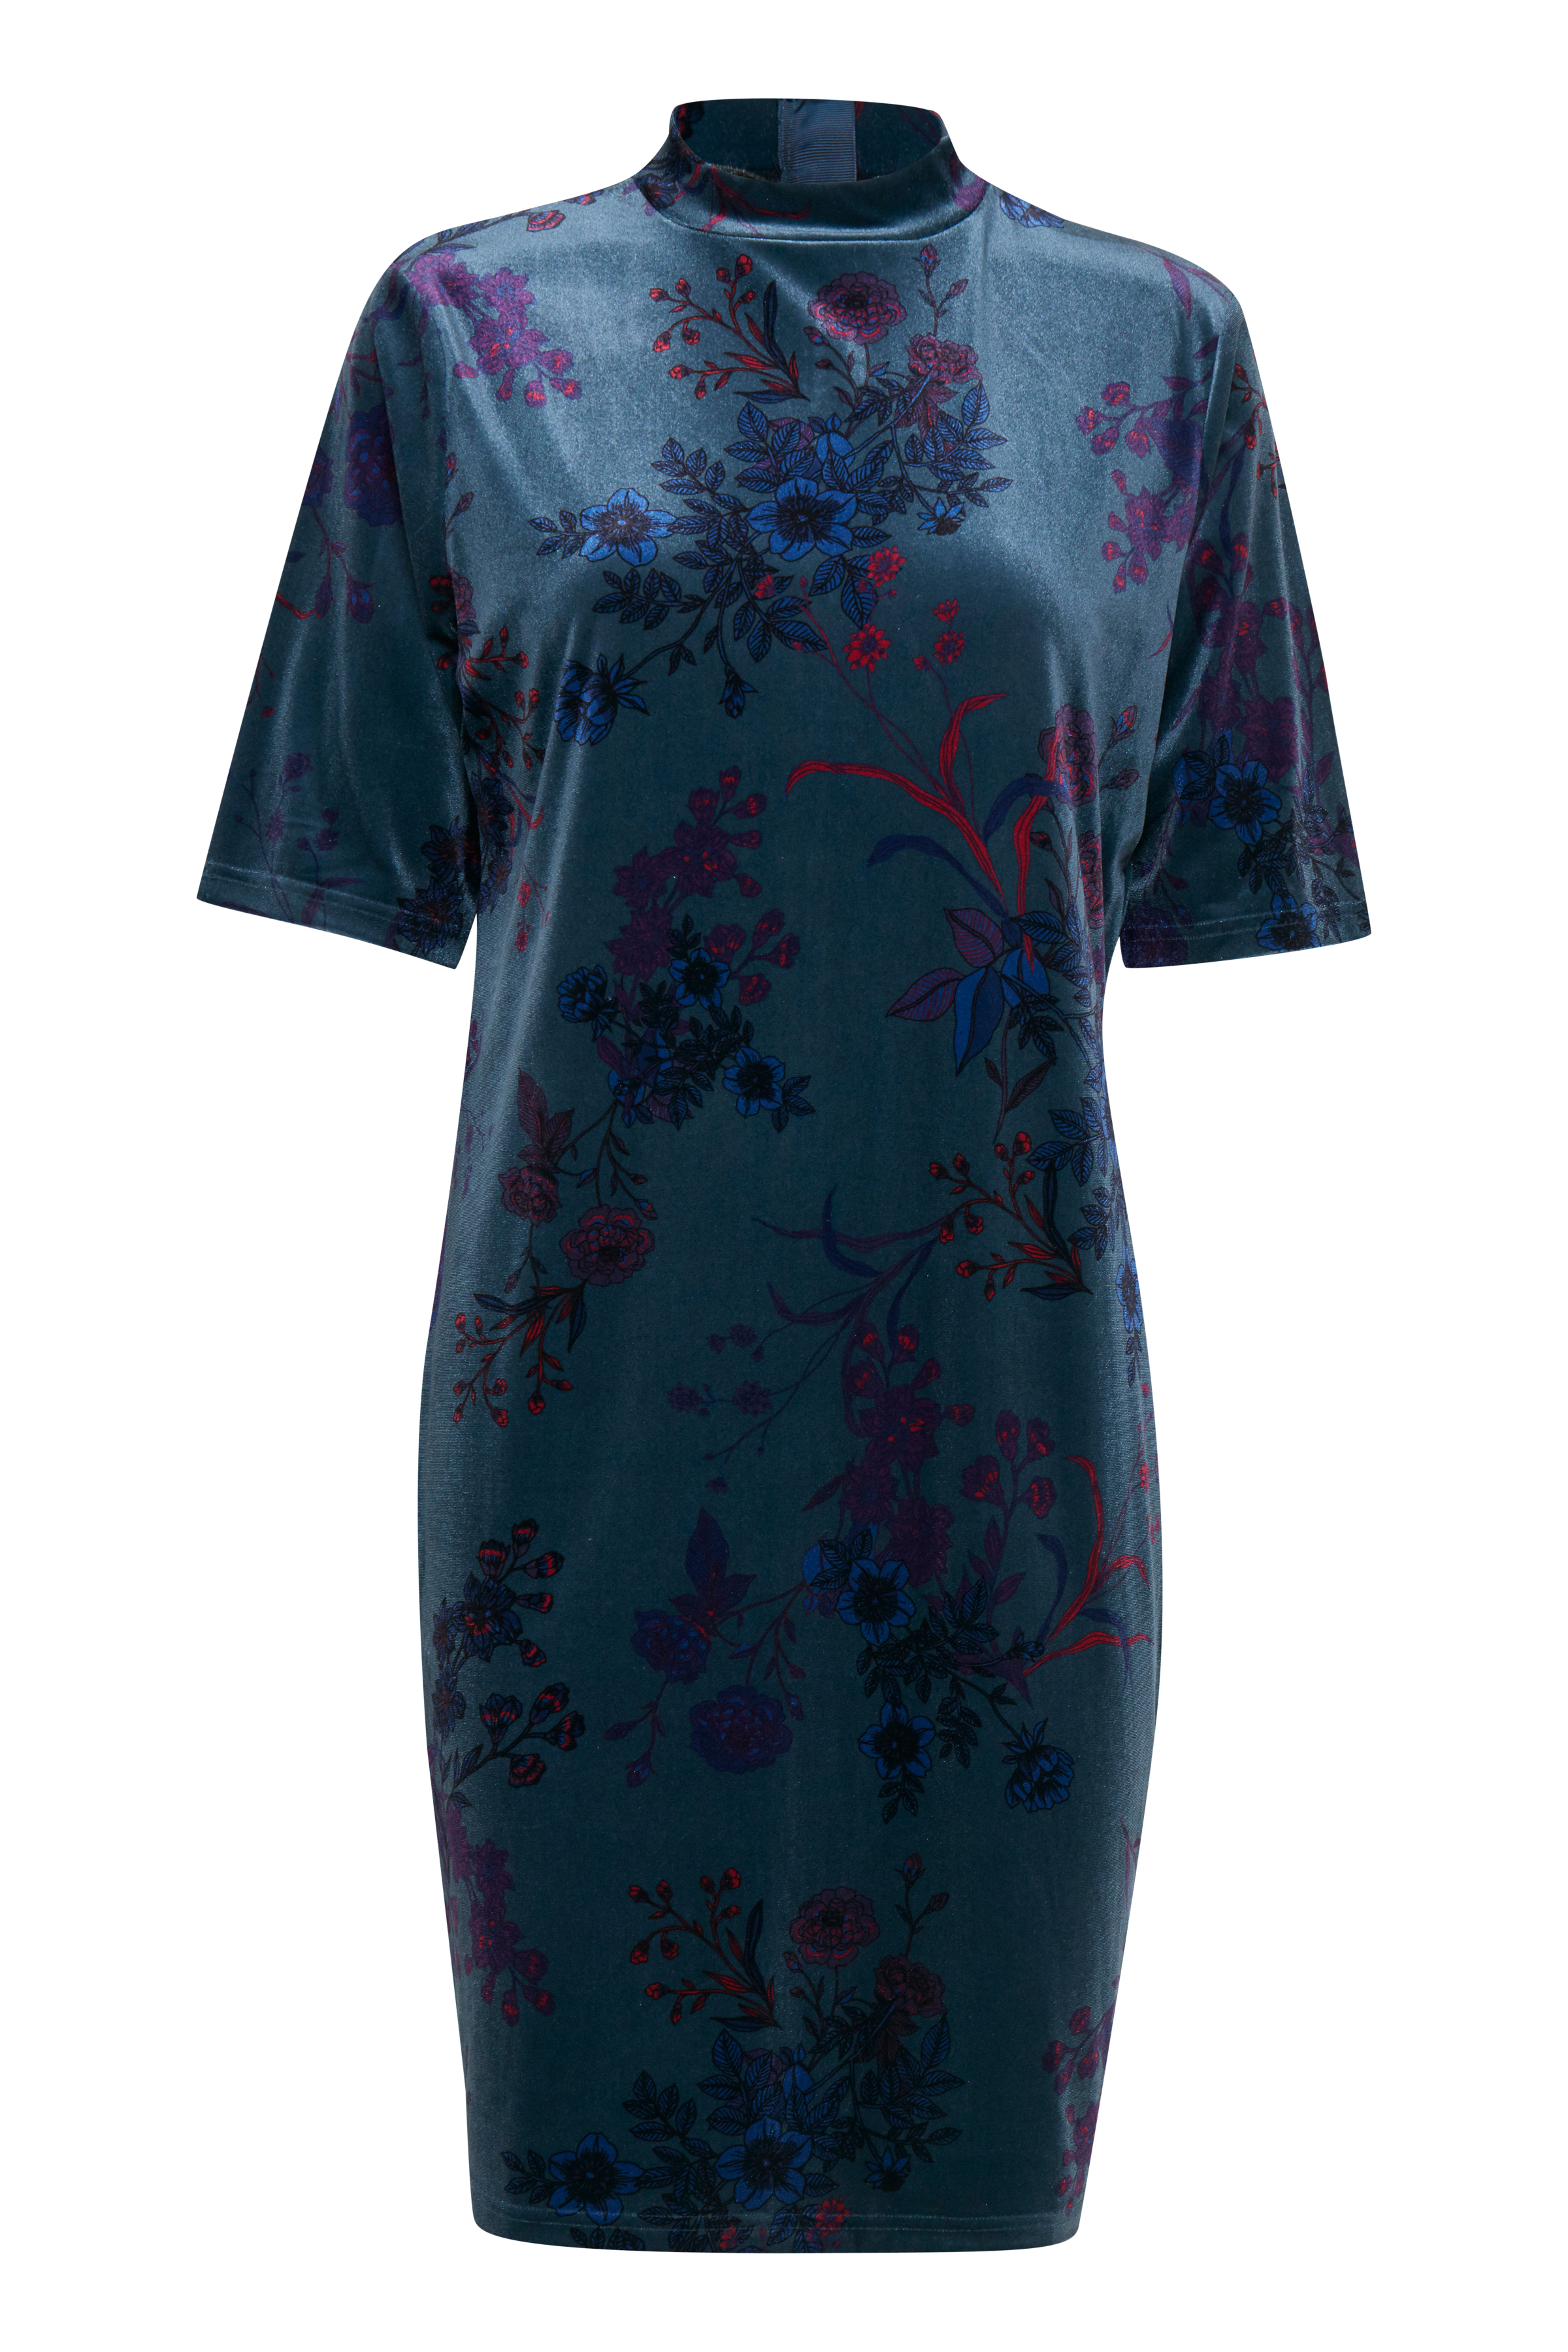 Copenhagen night combi Jersey jurk van b.young – Koop Copenhagen night combi Jersey jurk hier van size XS-XXL